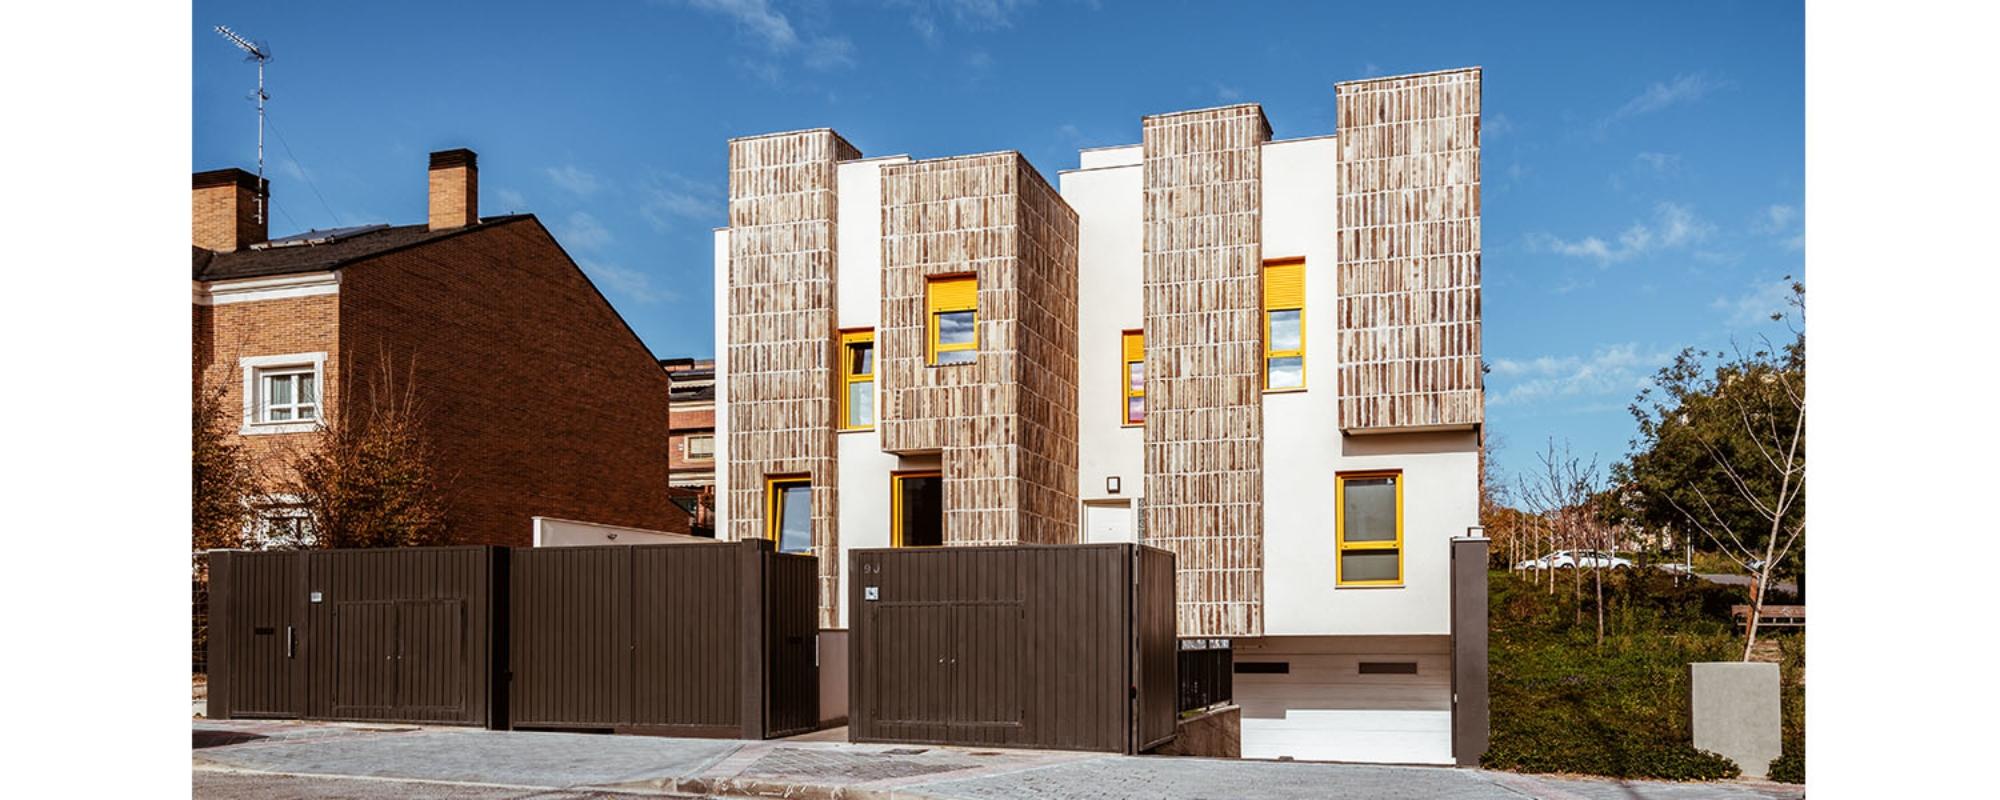 Estudio Arquitectura: OOIIO crea ambientes lujuosos y contemporaneos estudio arquitectura Estudio Arquitectura: OOIIO crea ambientes lujuosos y contemporaneos Featured 14